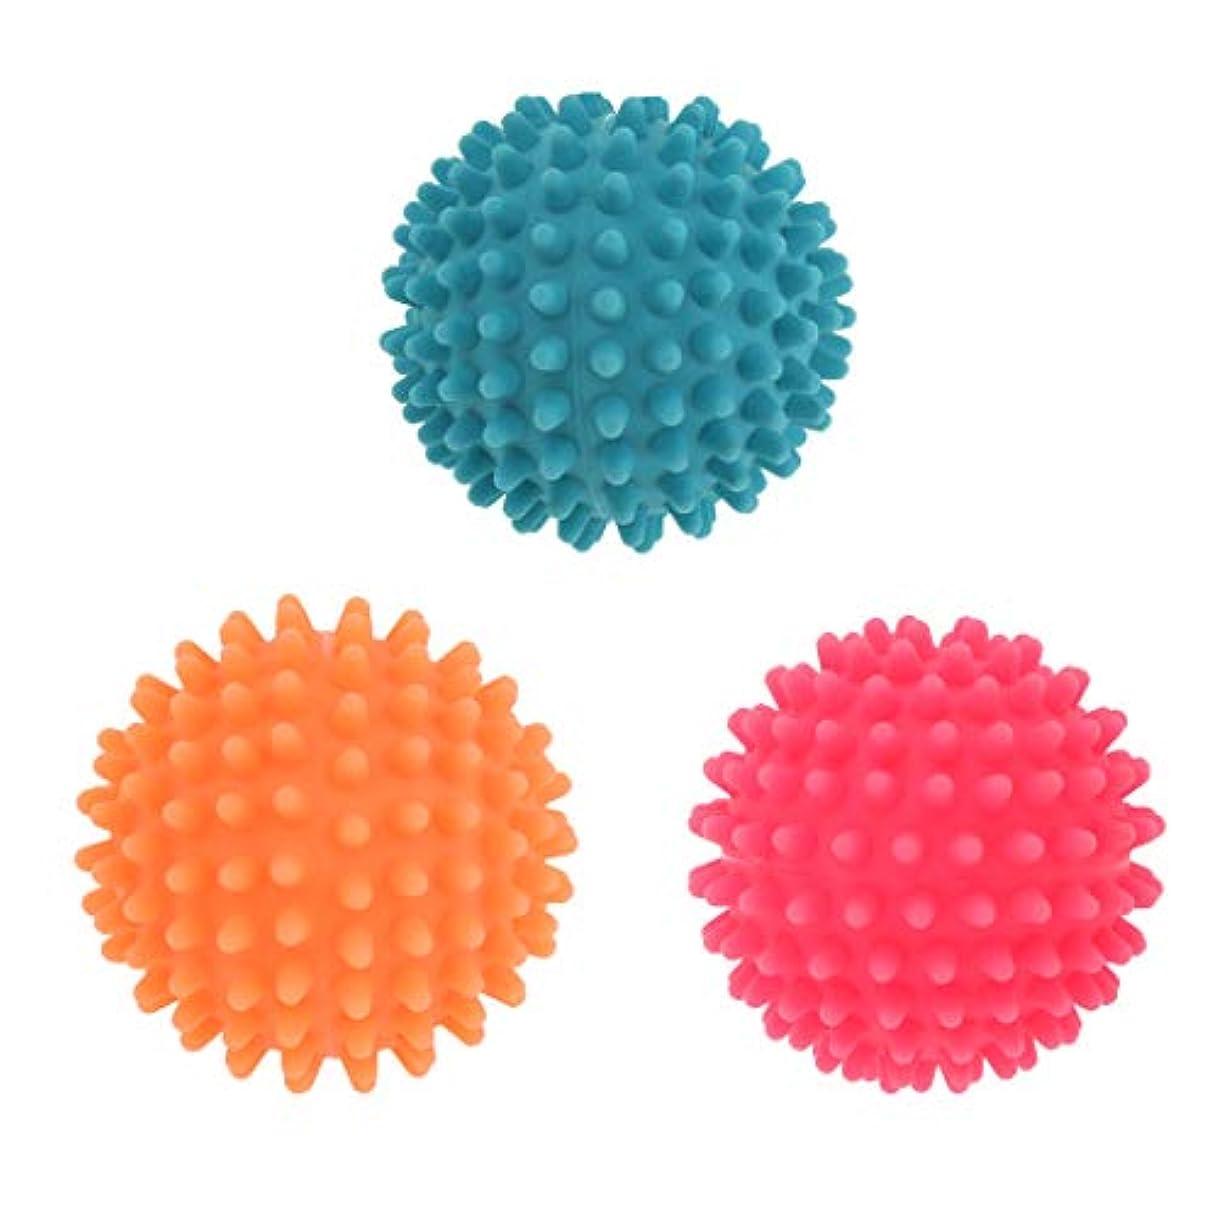 不愉快スパン不足3個 マッサージボール ヨガボール 触覚ボール ツボ押しグッズ 直径7cm